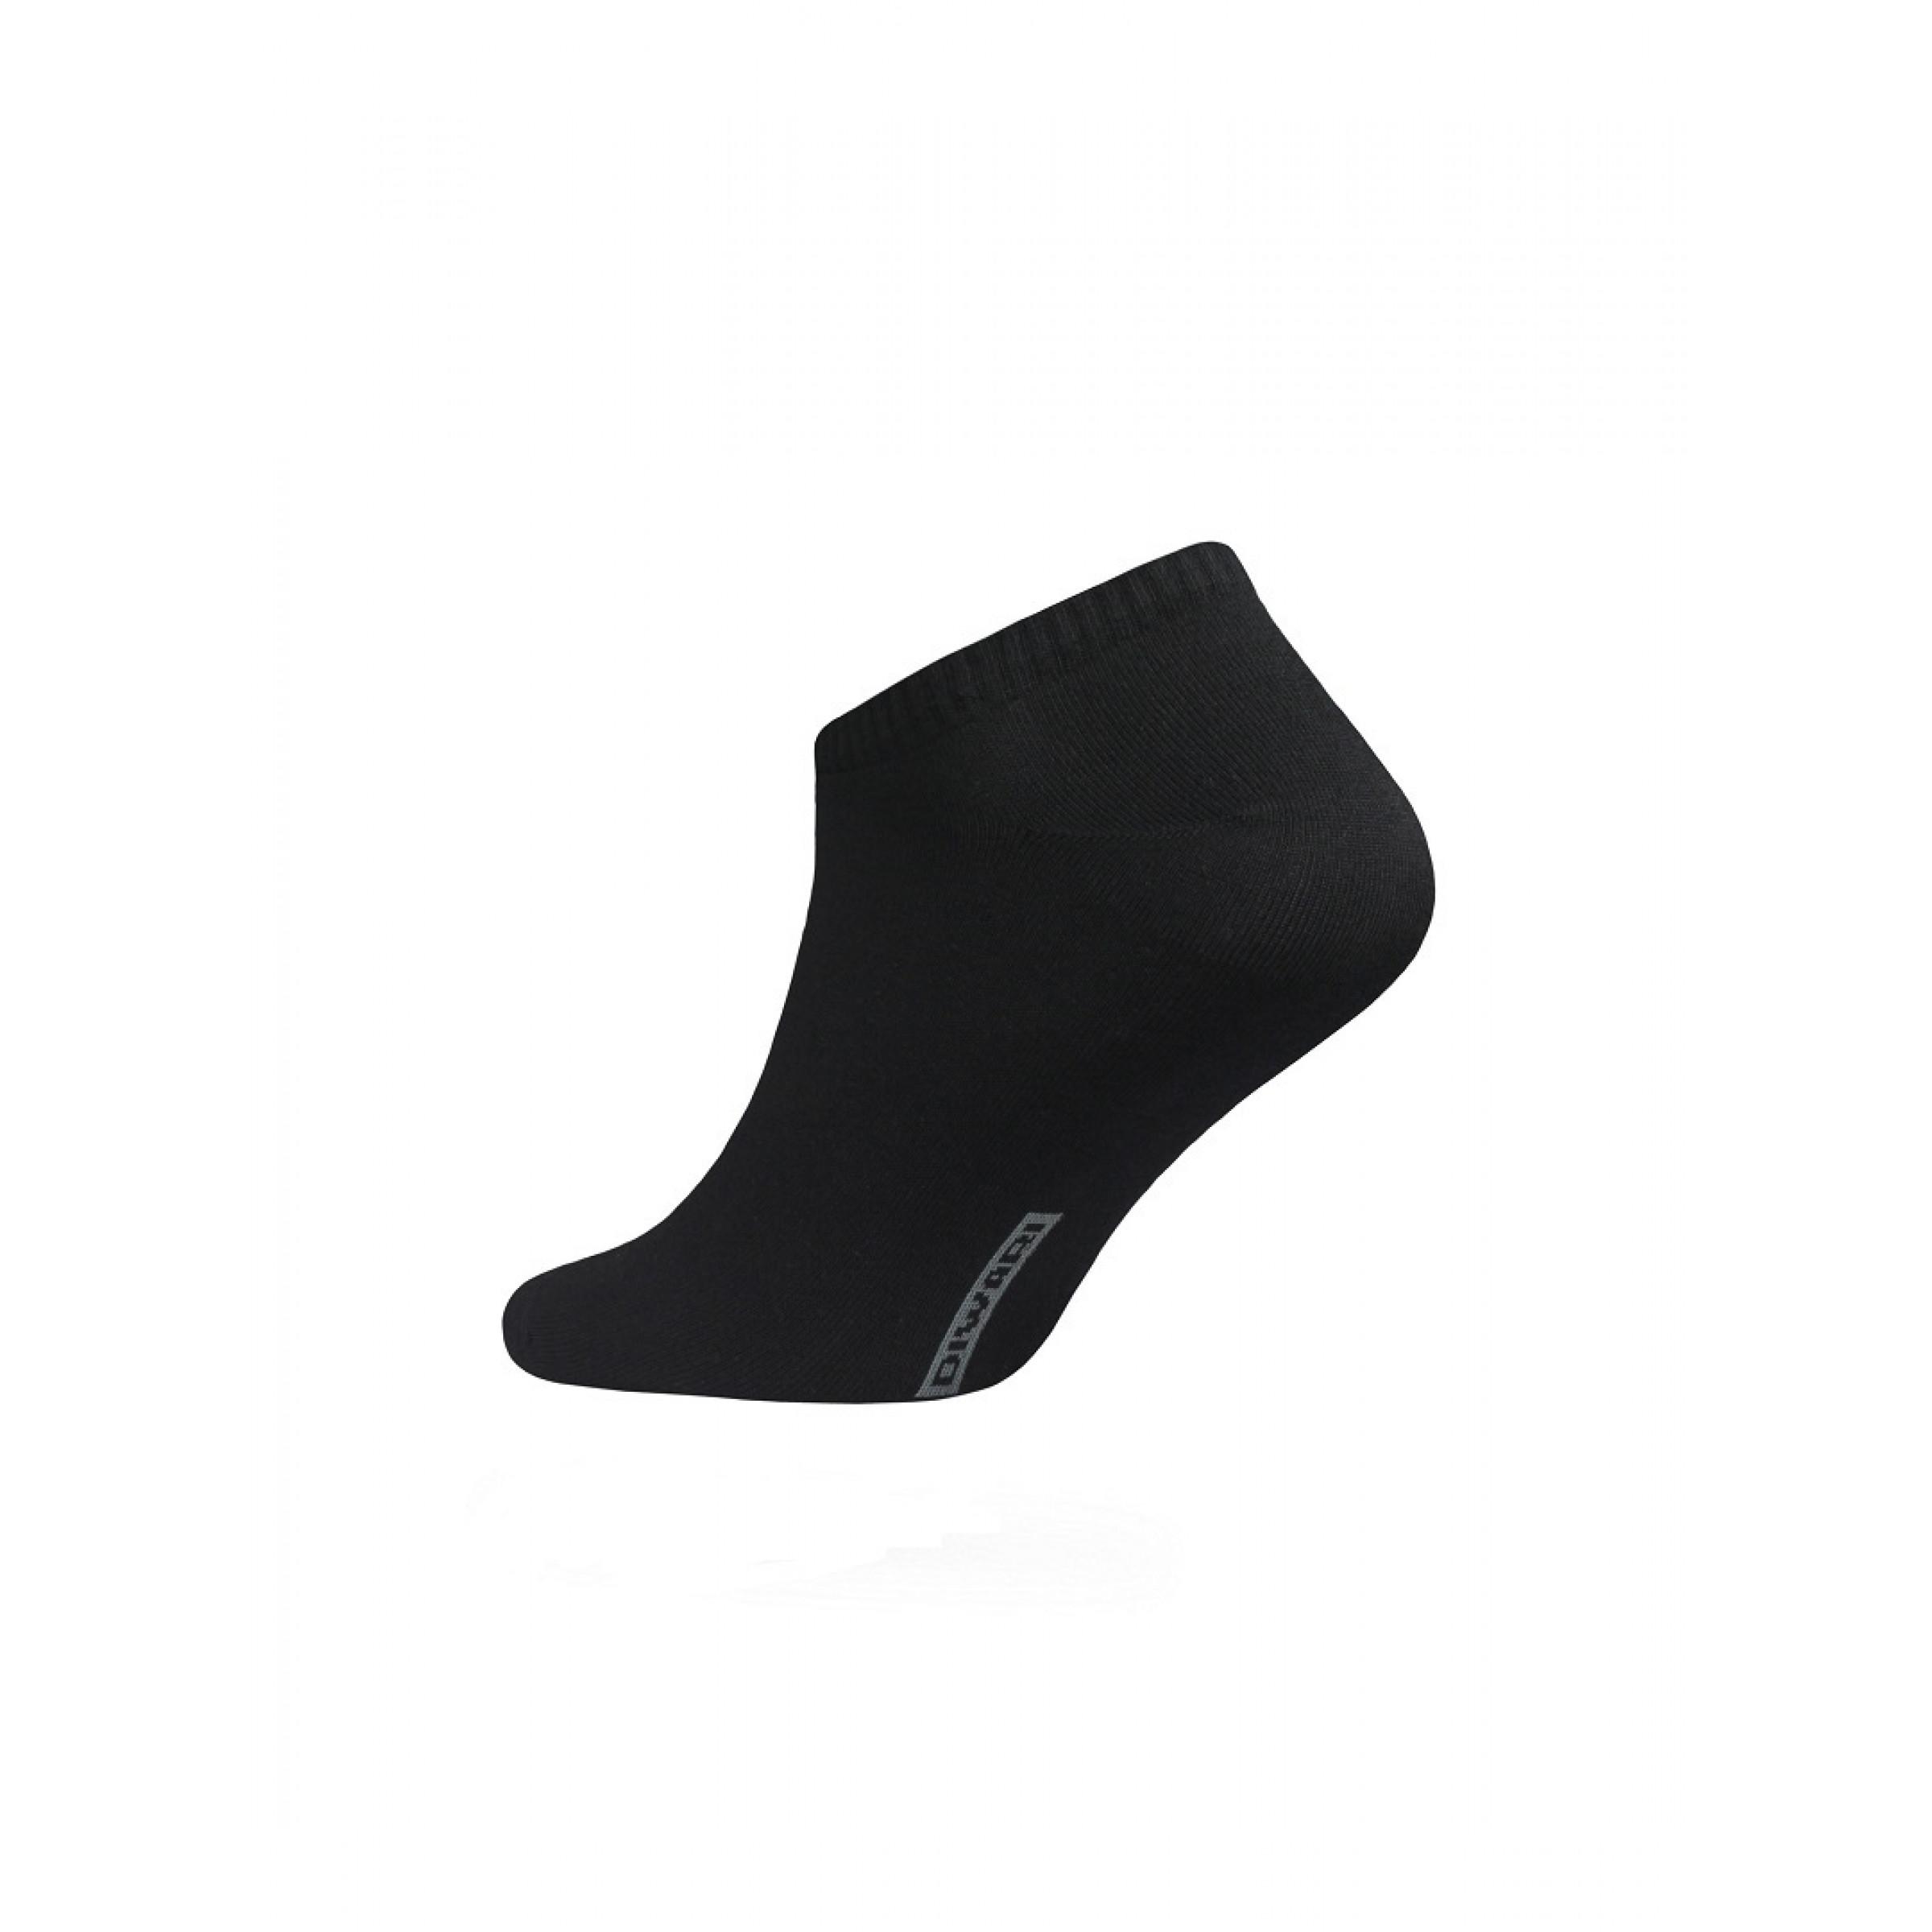 Носки мужские CONTE DIWARI ACTIVE (ультракороткие) цвет черный, размер 41-42